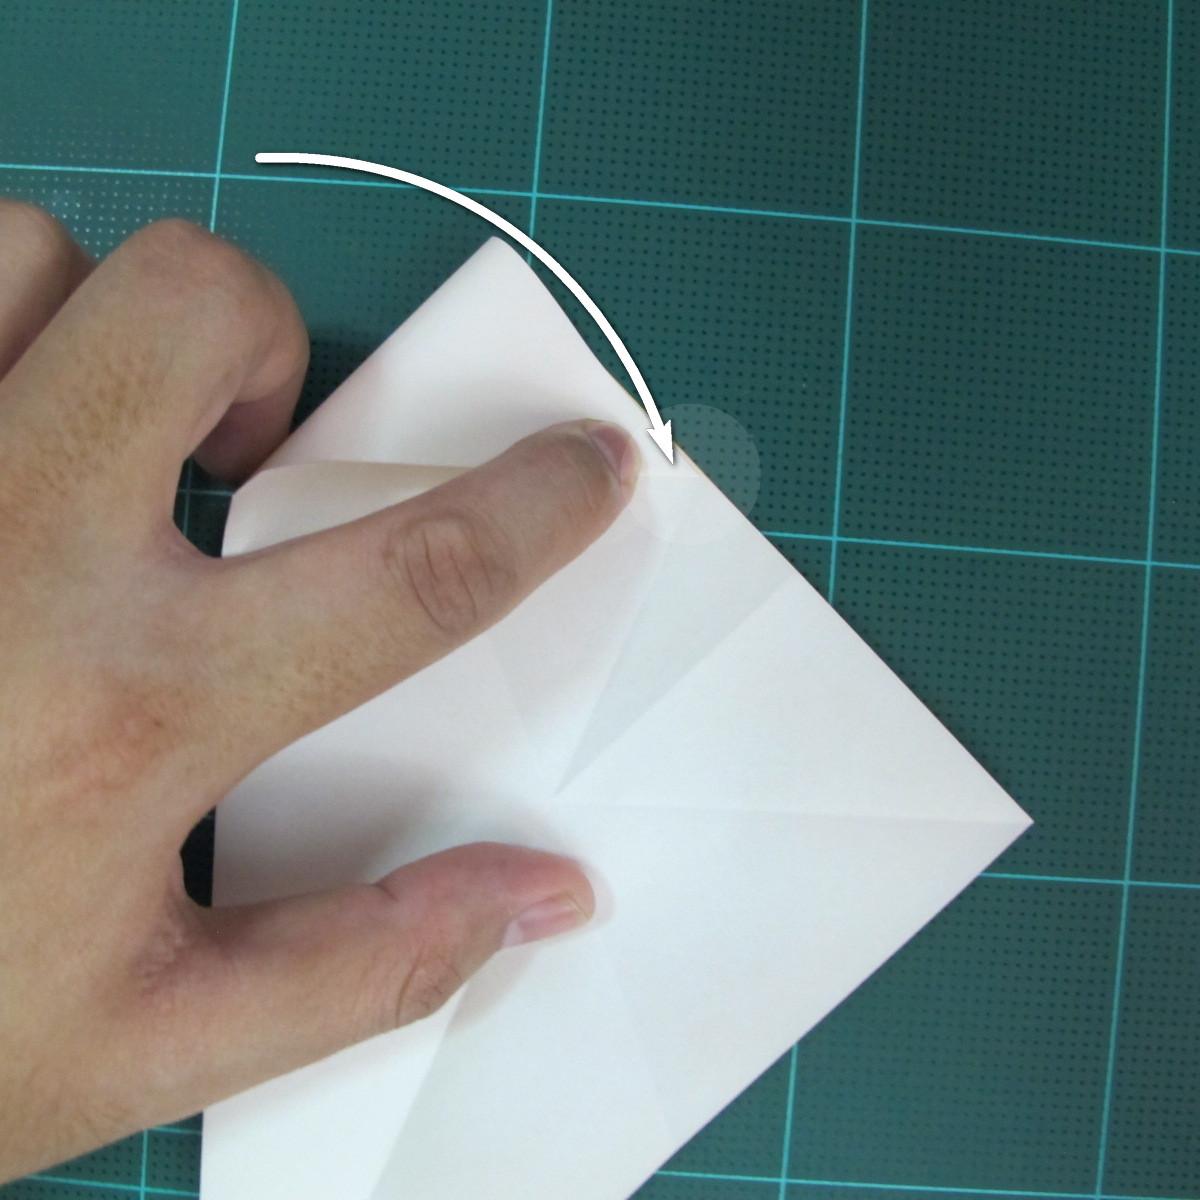 วิธีการพับกระดาษรูปม้าน้ำ (Origami Seahorse) 010